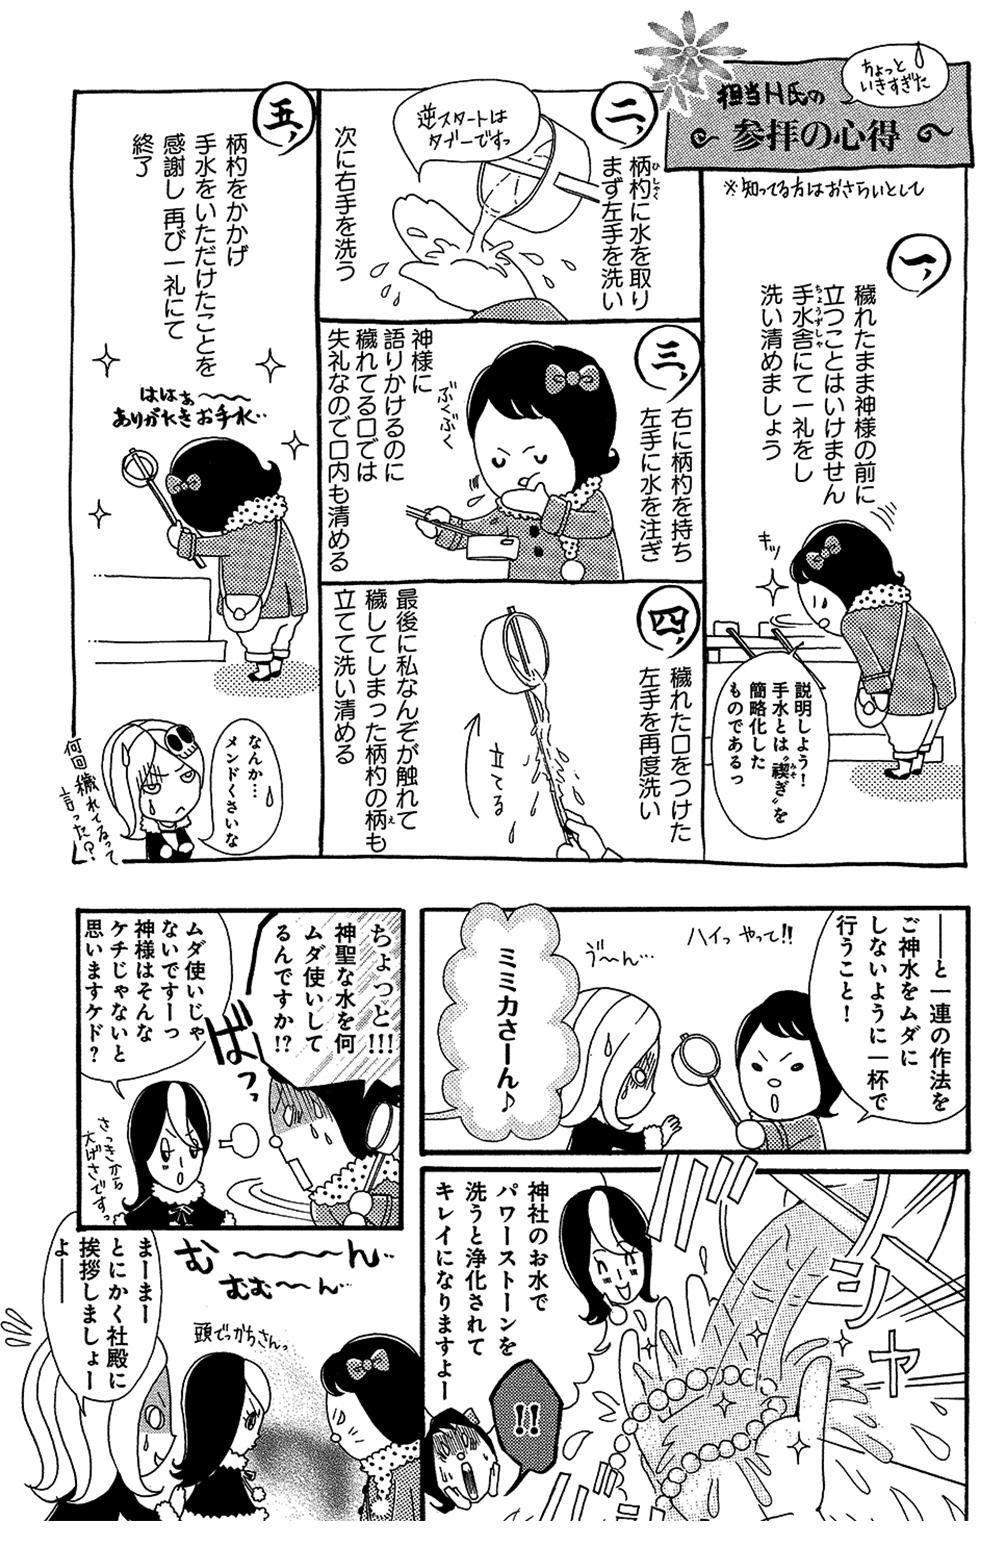 スピ☆散歩 第1話「東京大神宮」①spi0015.jpg